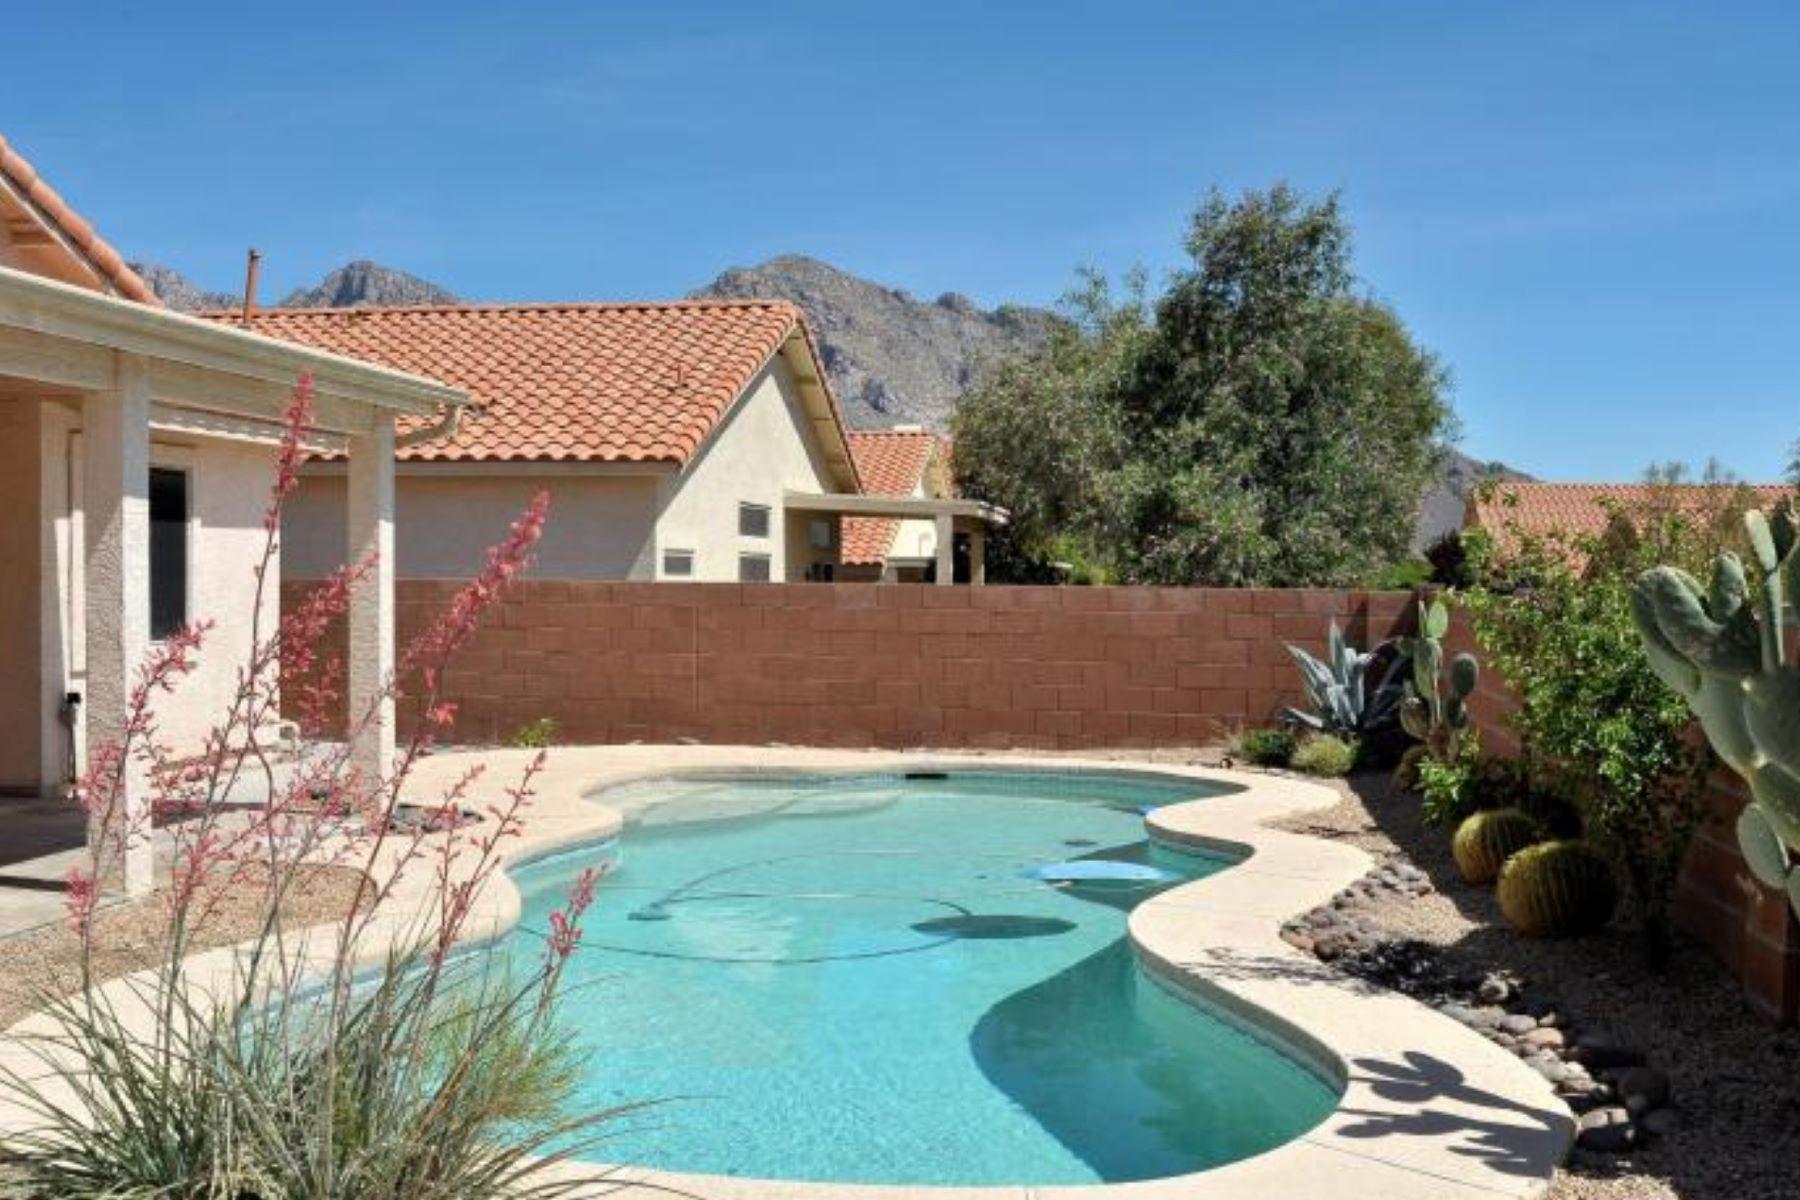 Moradia para Venda às Oro Valley 10551 N. Camino Rosas Nuevas Oro Valley, Arizona, 85737 Estados Unidos